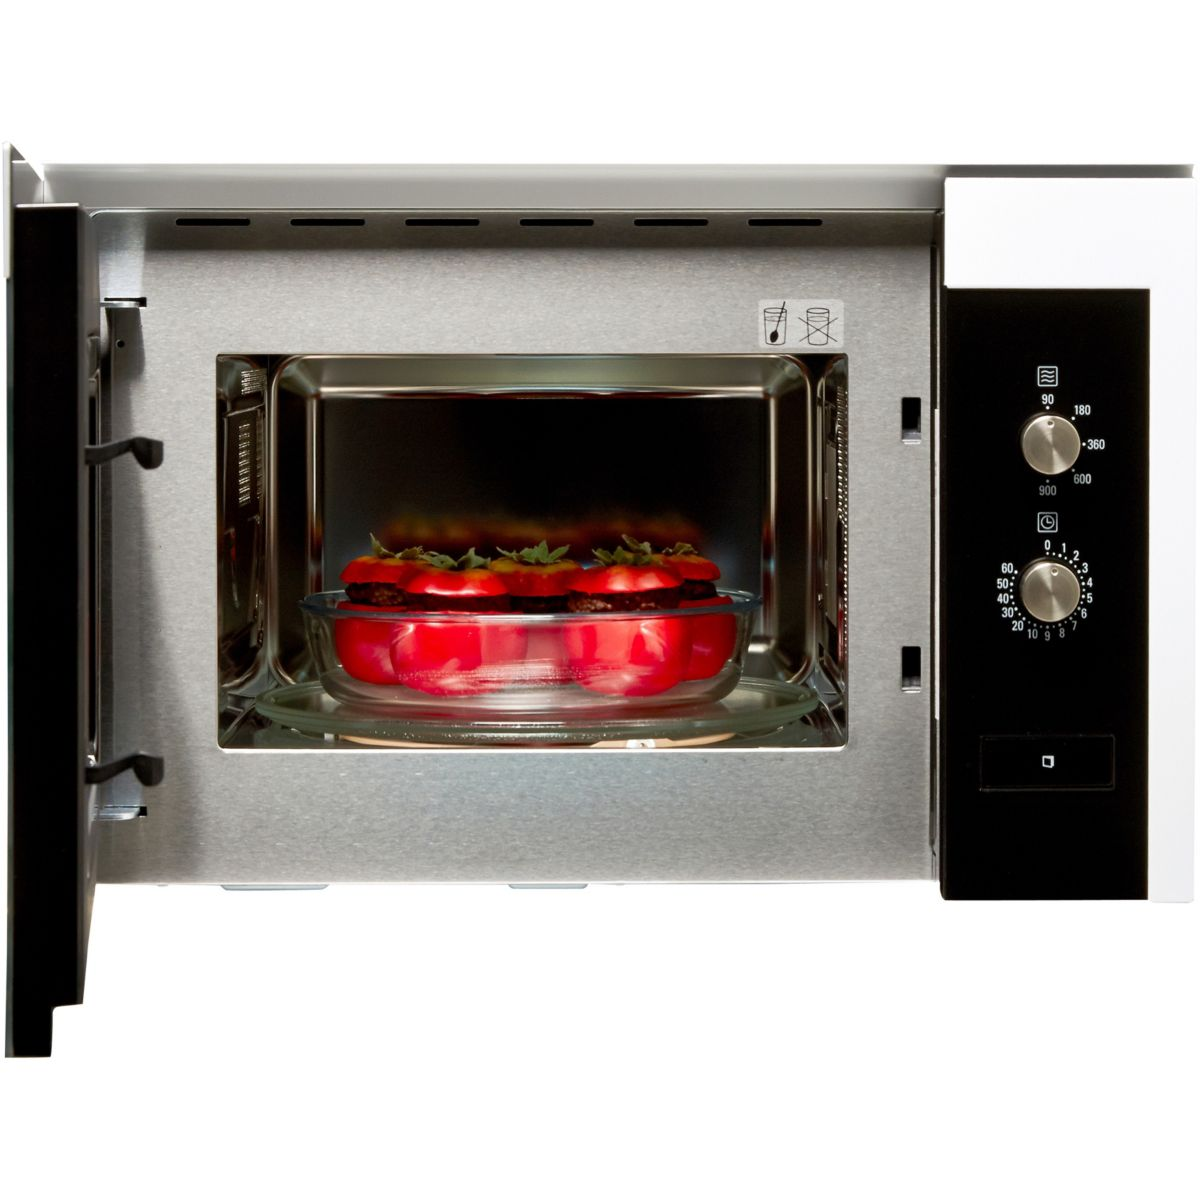 Micro-onde encastrable siemens hf22m264 - 20% de remise imm�diate avec le code : noel20 (photo)